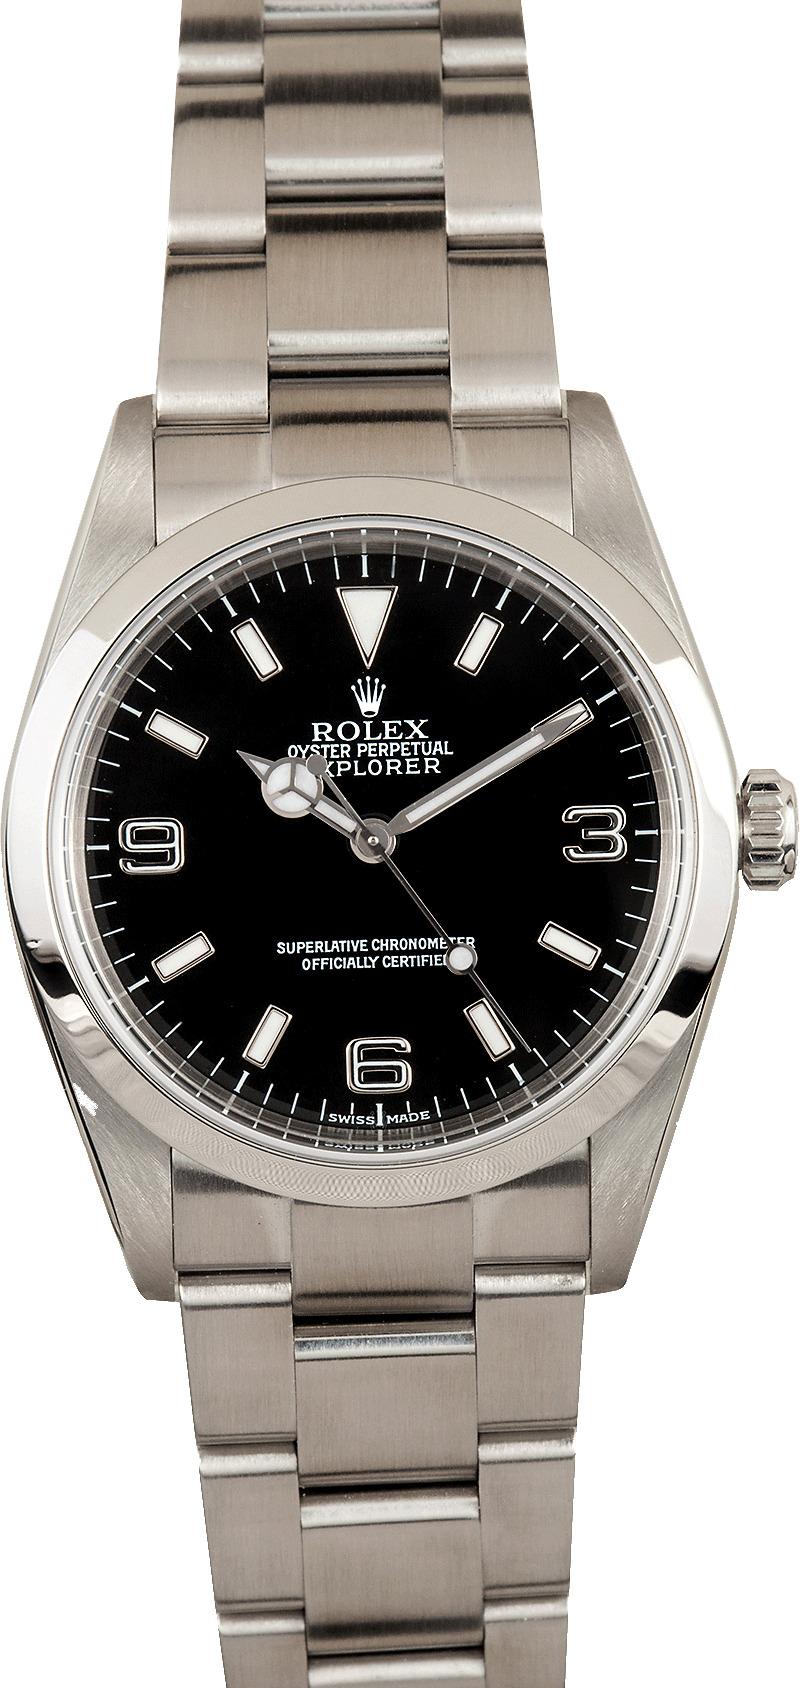 Rolex Explorer 114270 2 - On Sale Now